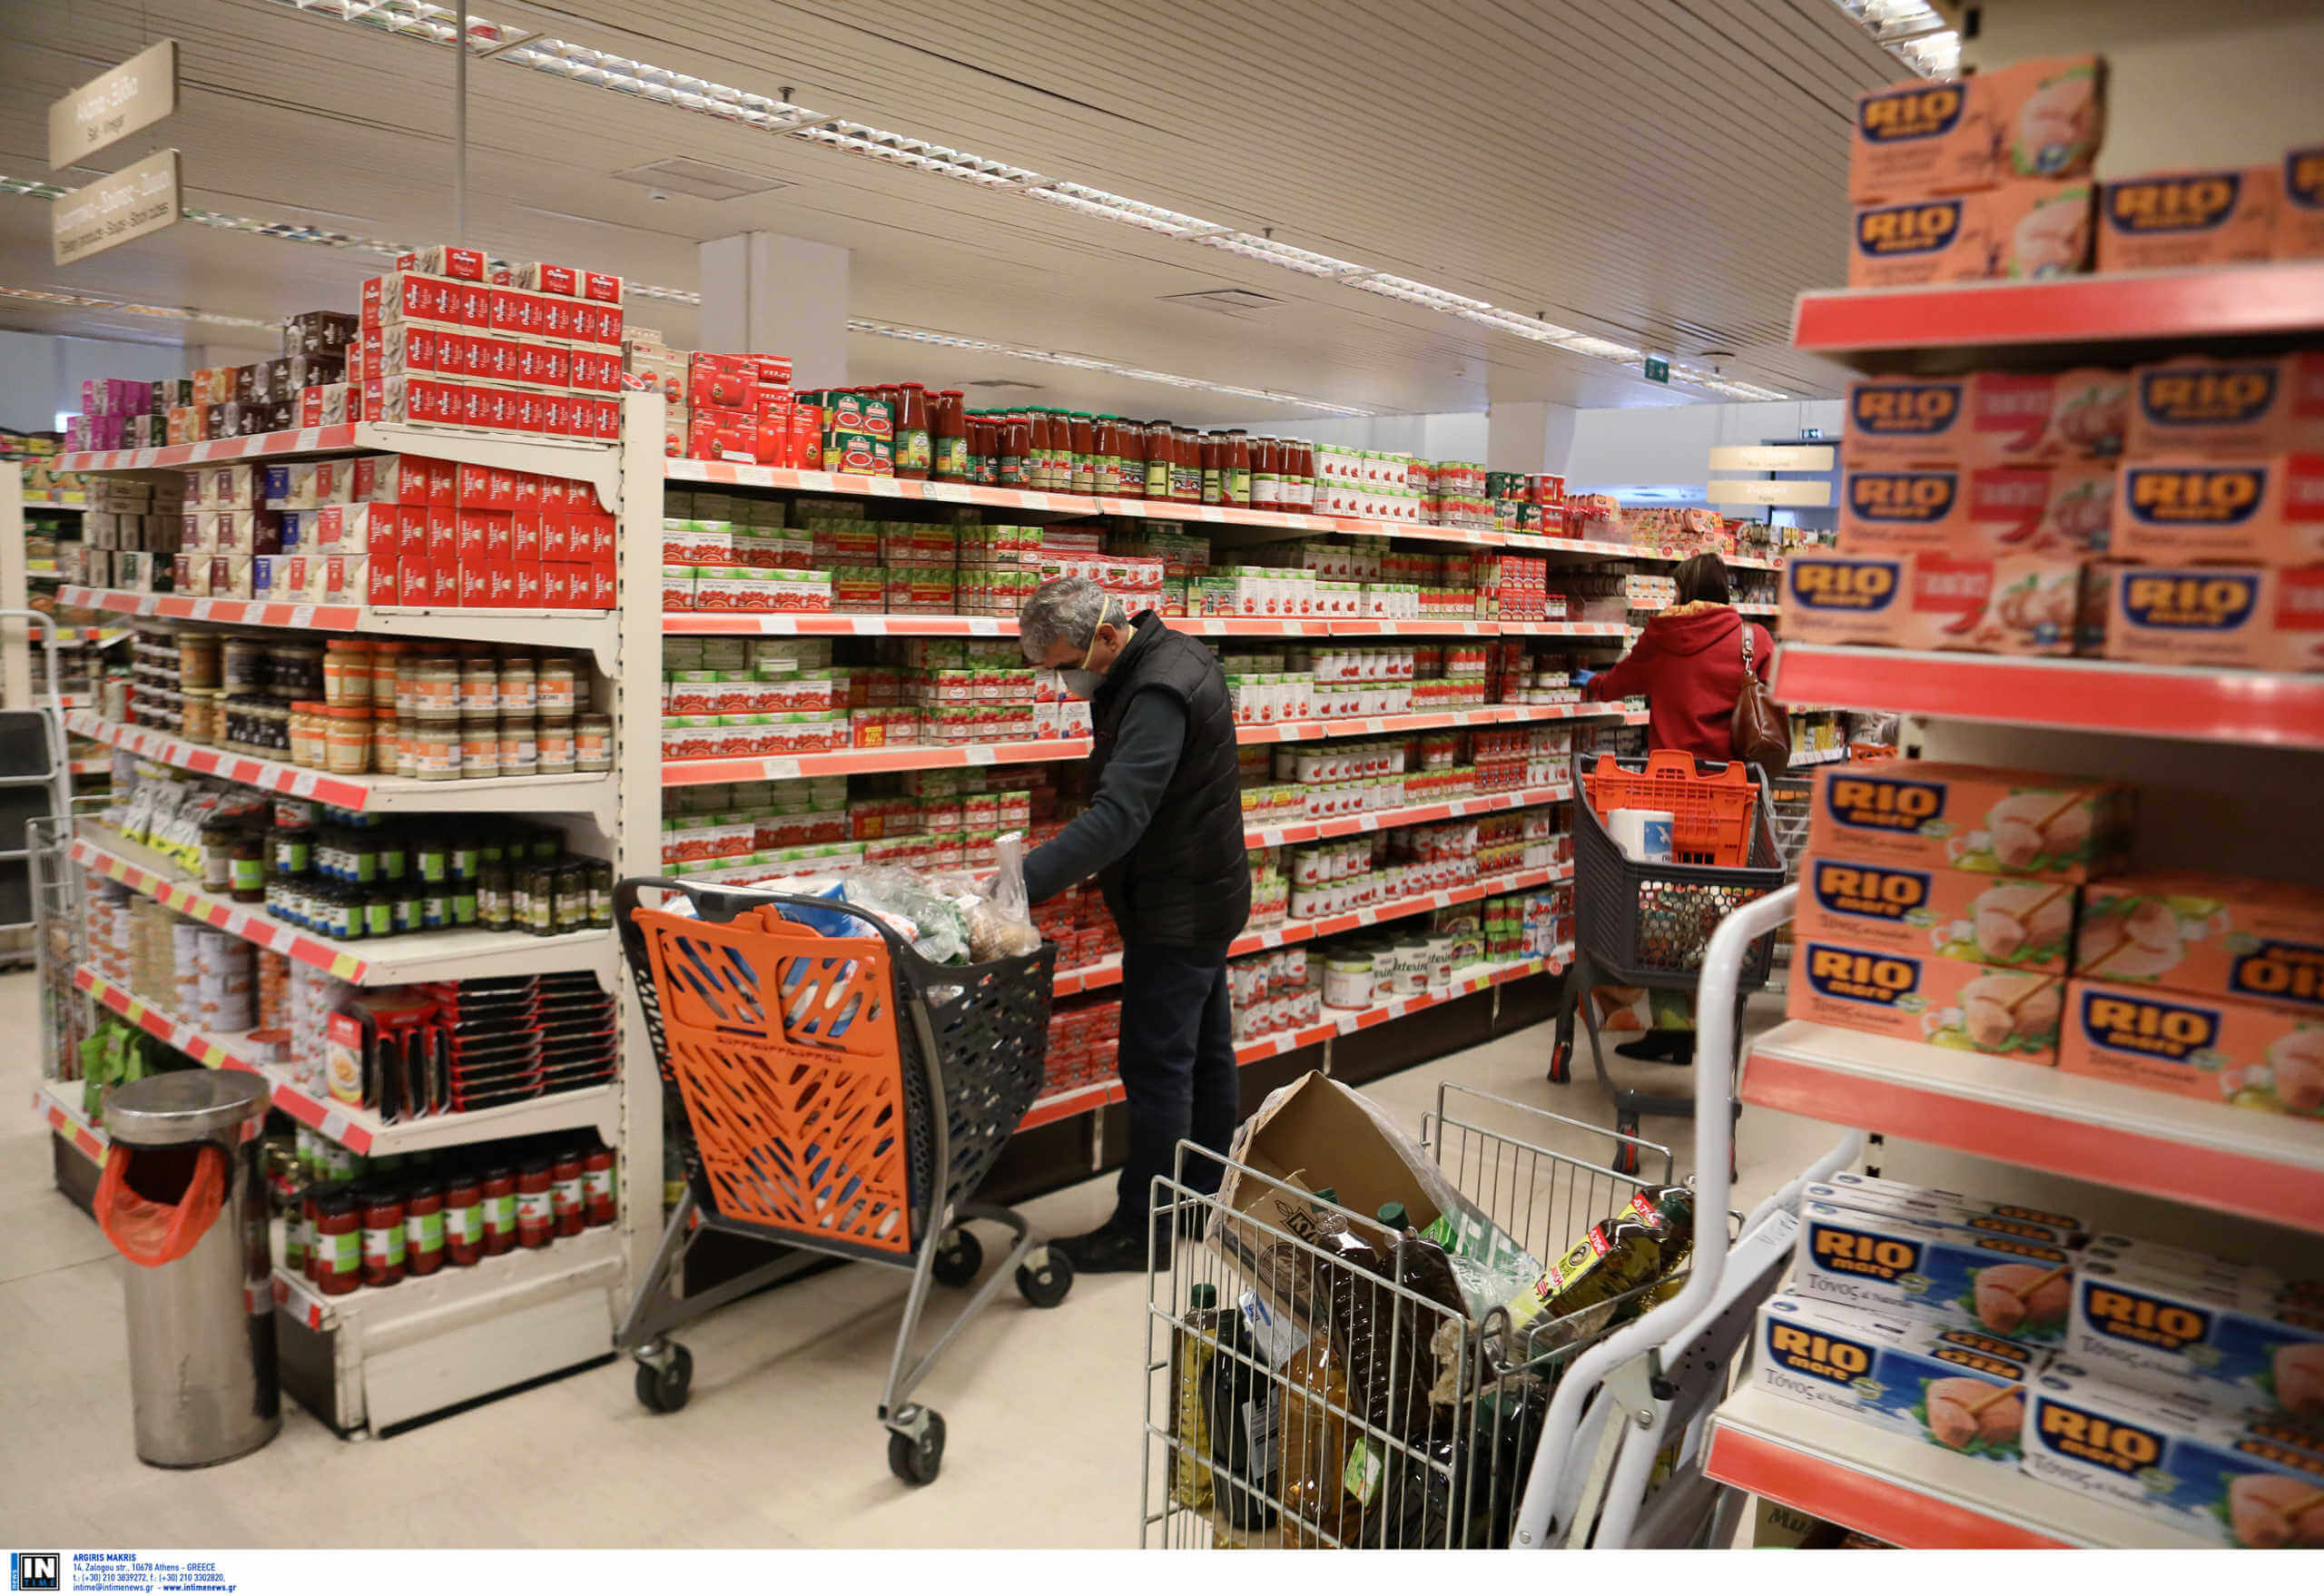 Μεγάλη Εβδομάδα: Δείτε το ωράριο σούπερ μάρκετ & εμπορικών καταστημάτων